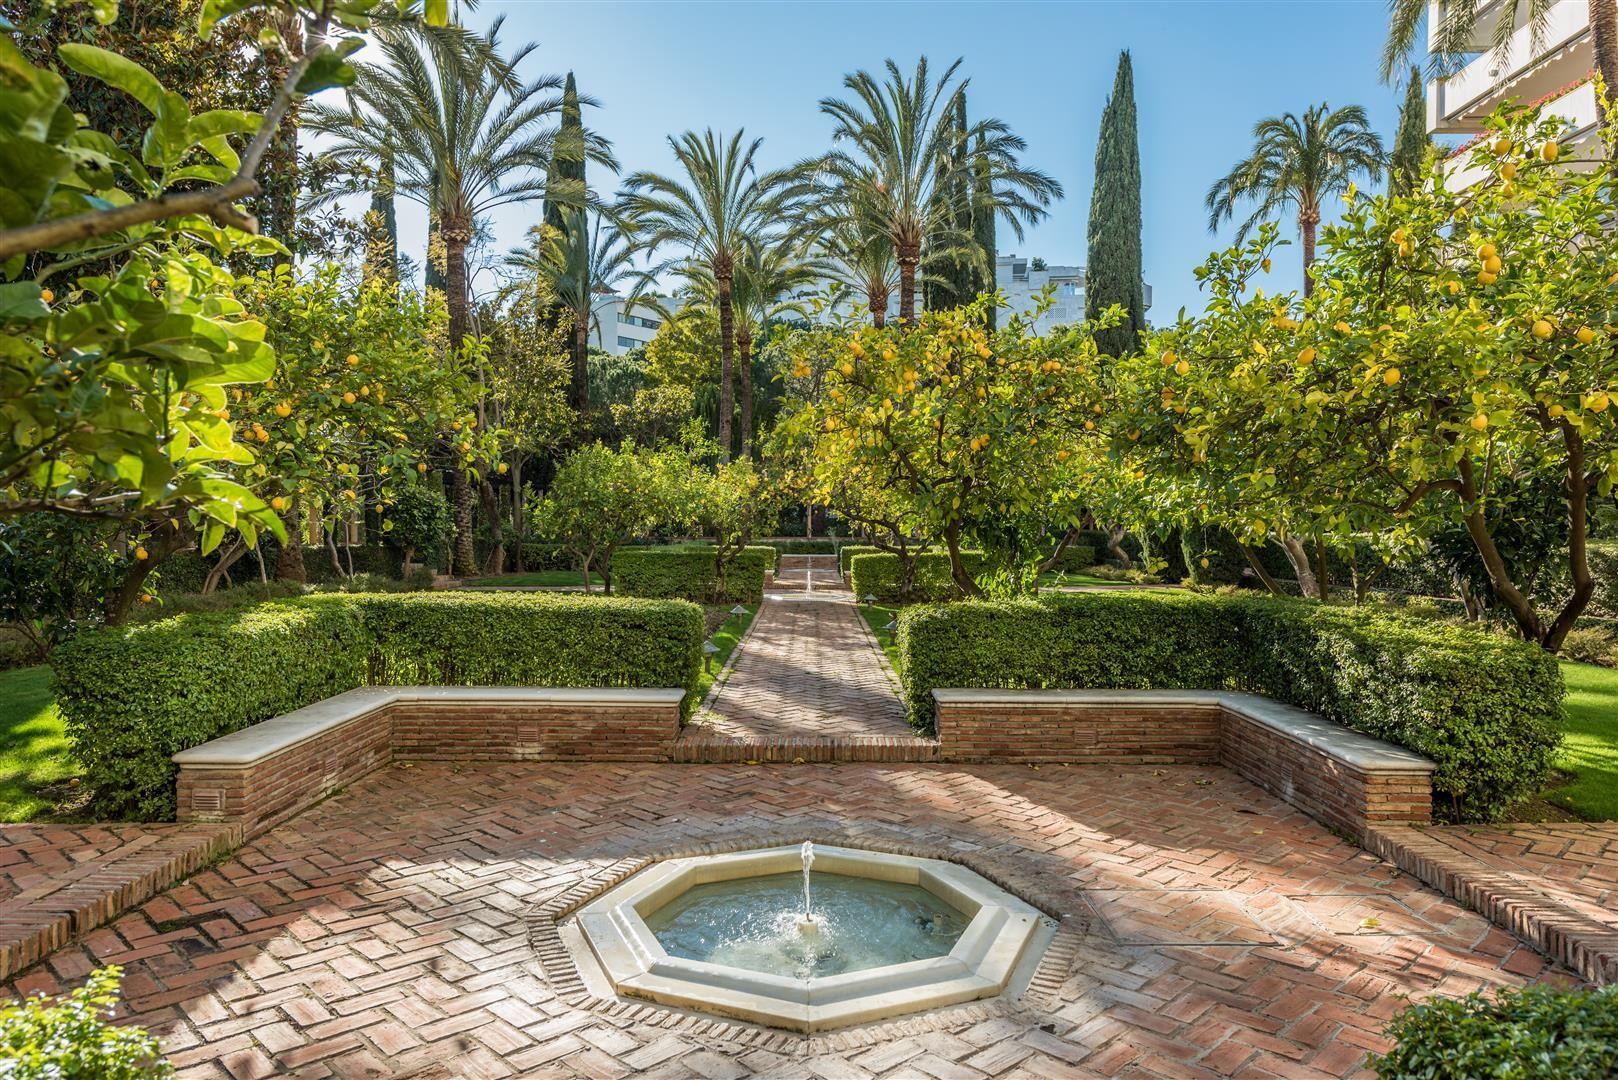 Apartamento en Marbella, Precio bajo demanda, alquiler vacacional